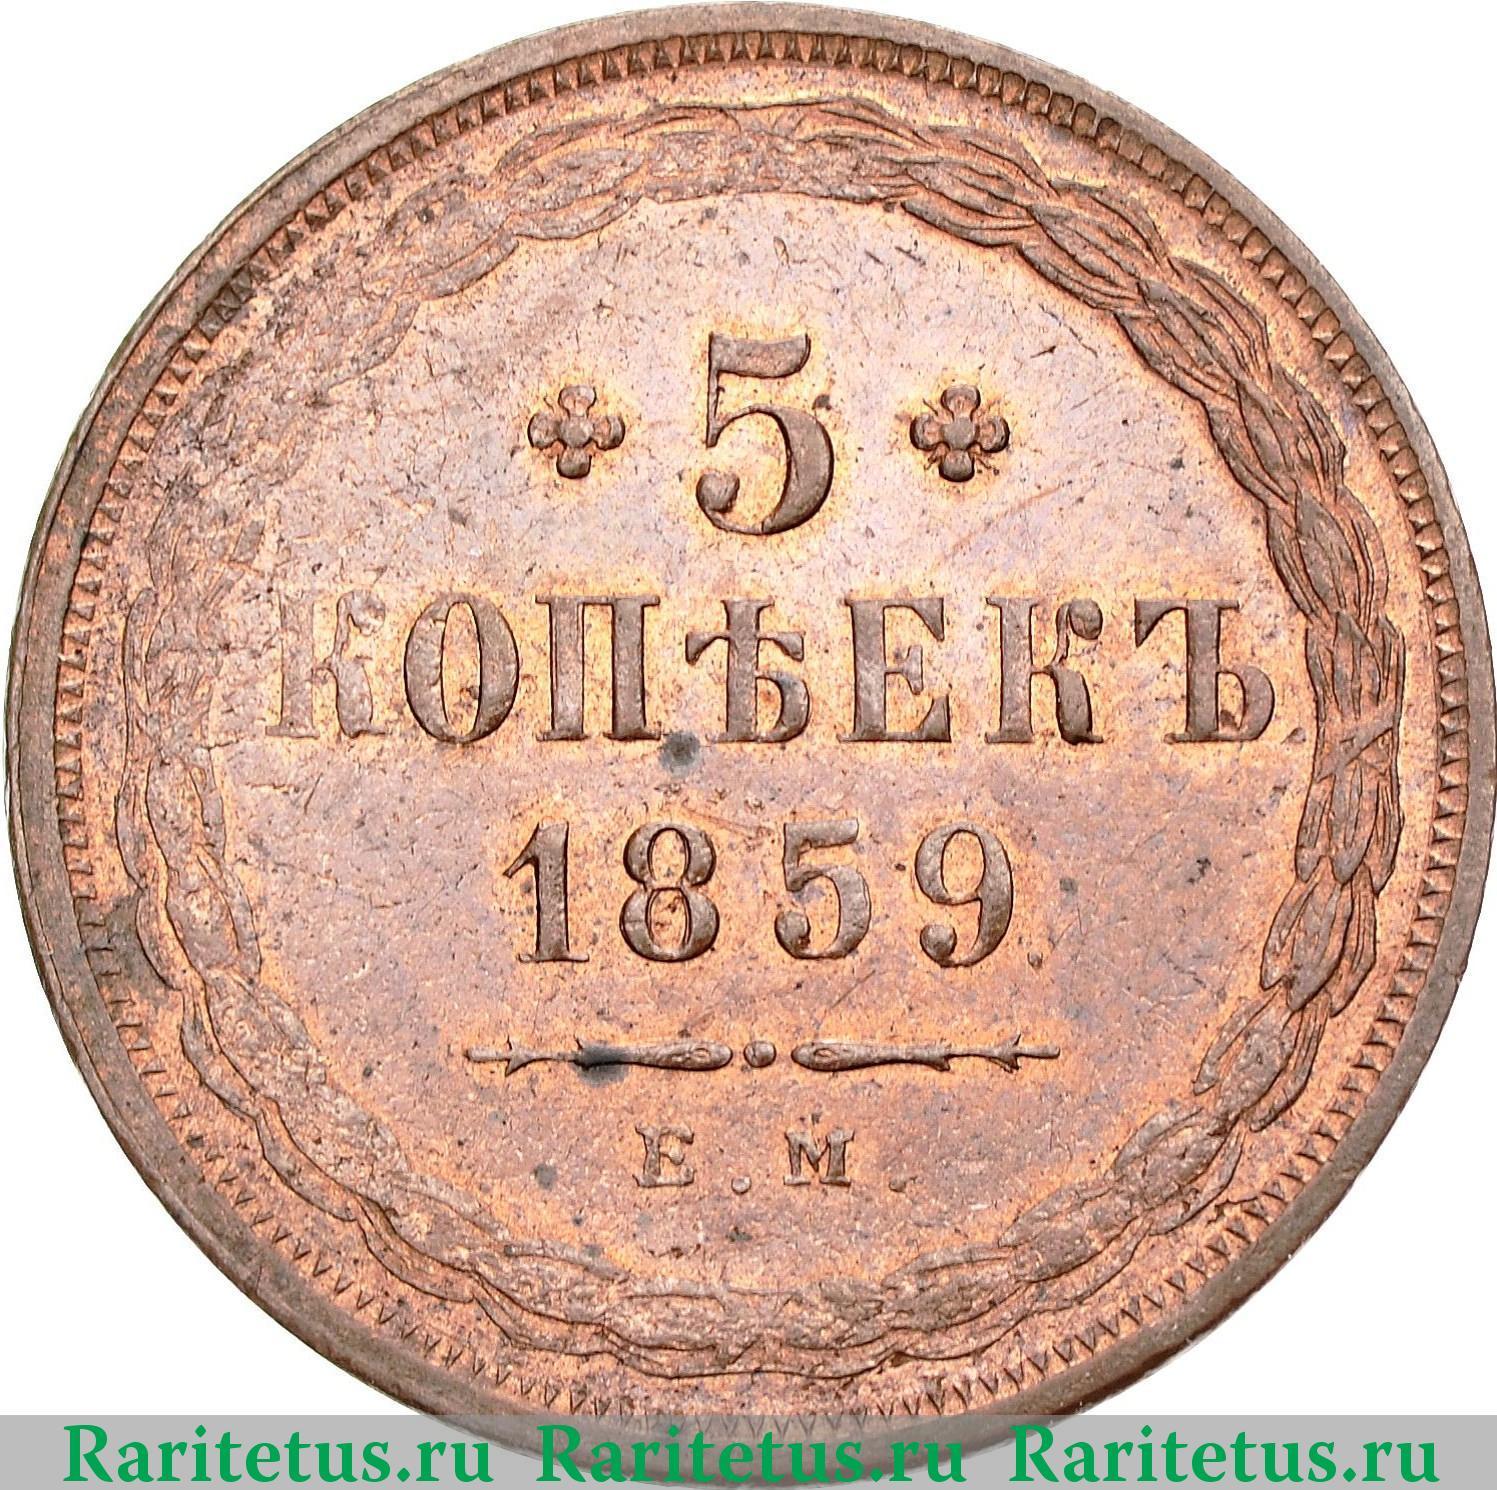 Копейка 1859 года цена фото переезд на алтай отзывы